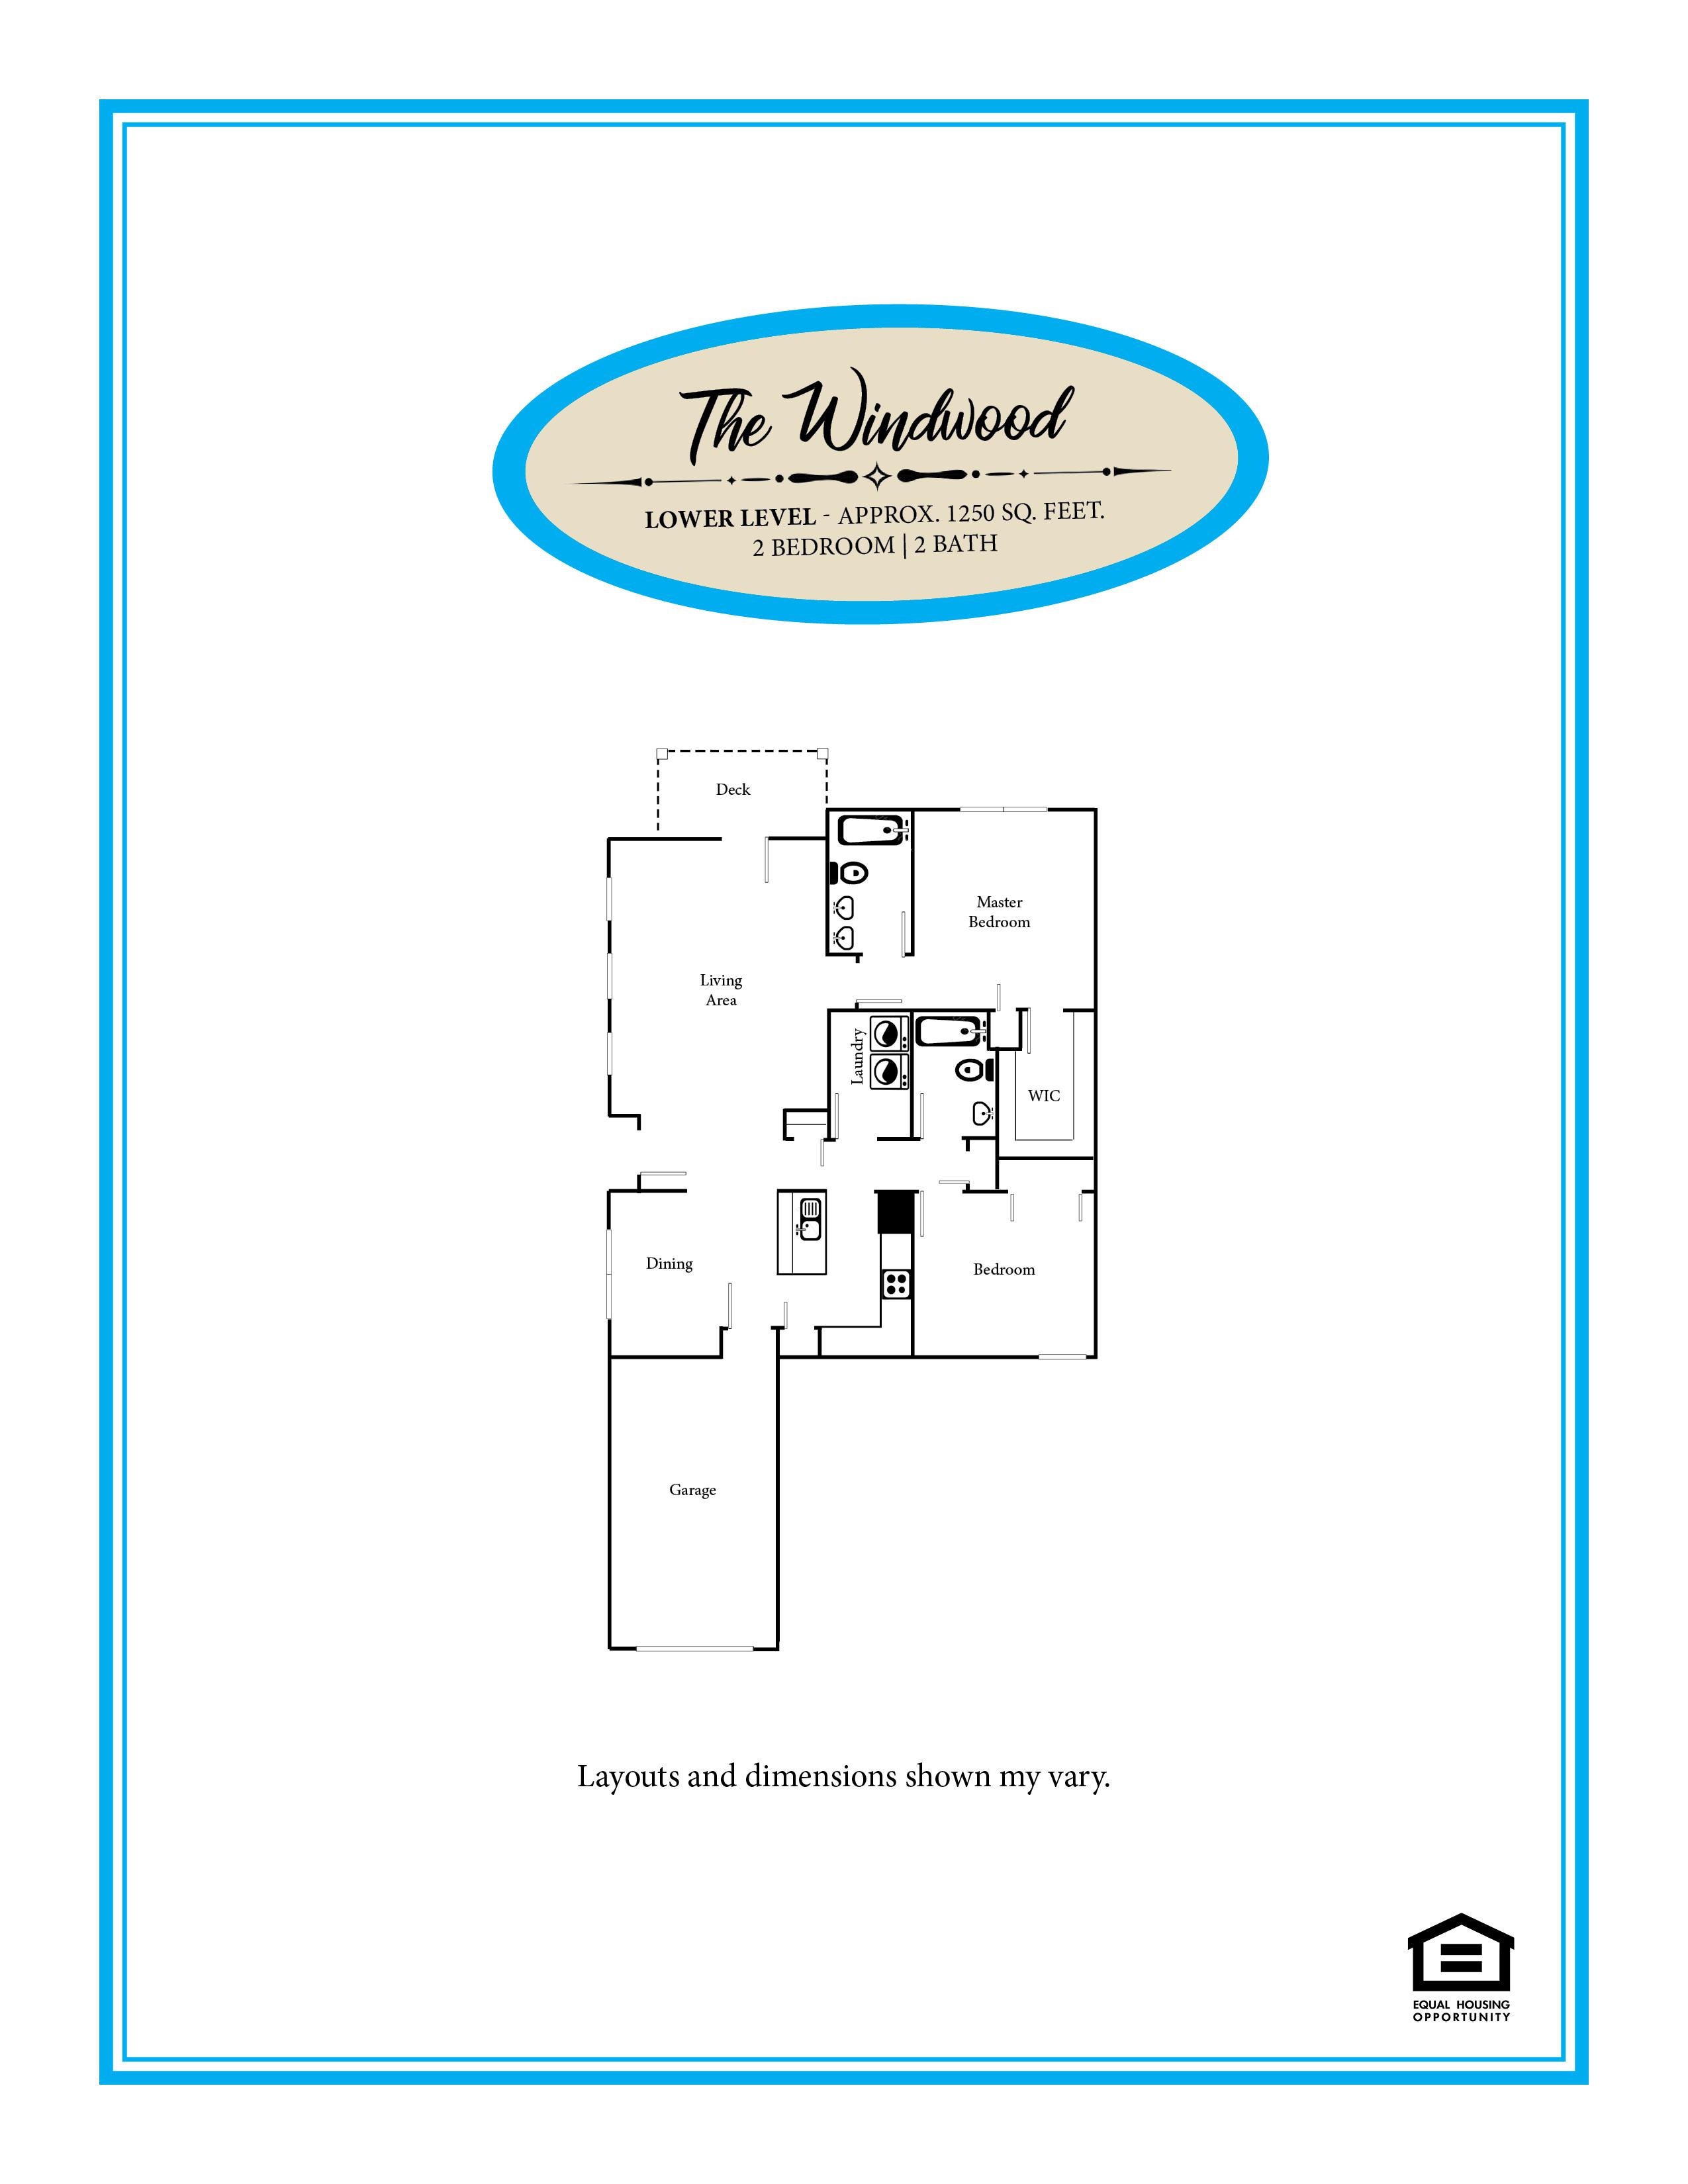 The Windwood